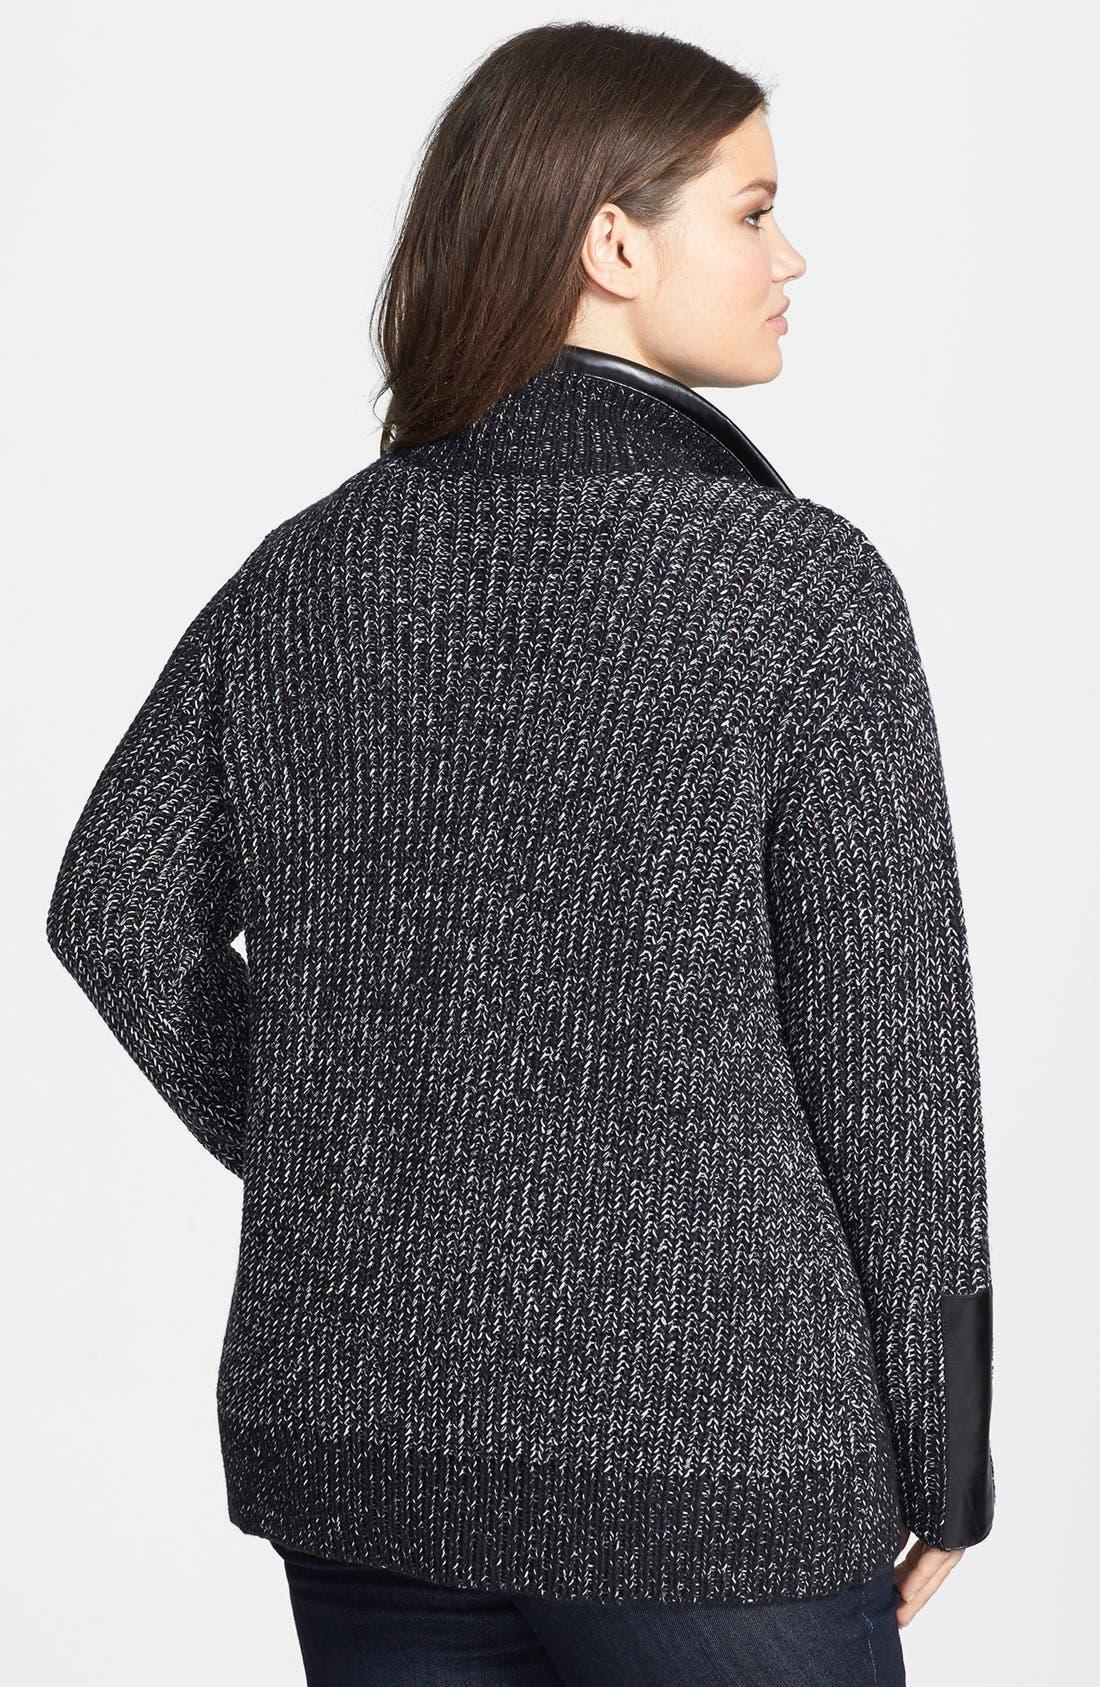 Alternate Image 2  - Sejour Faux Leather Trim Open Front Knit Jacket (Plus Size)